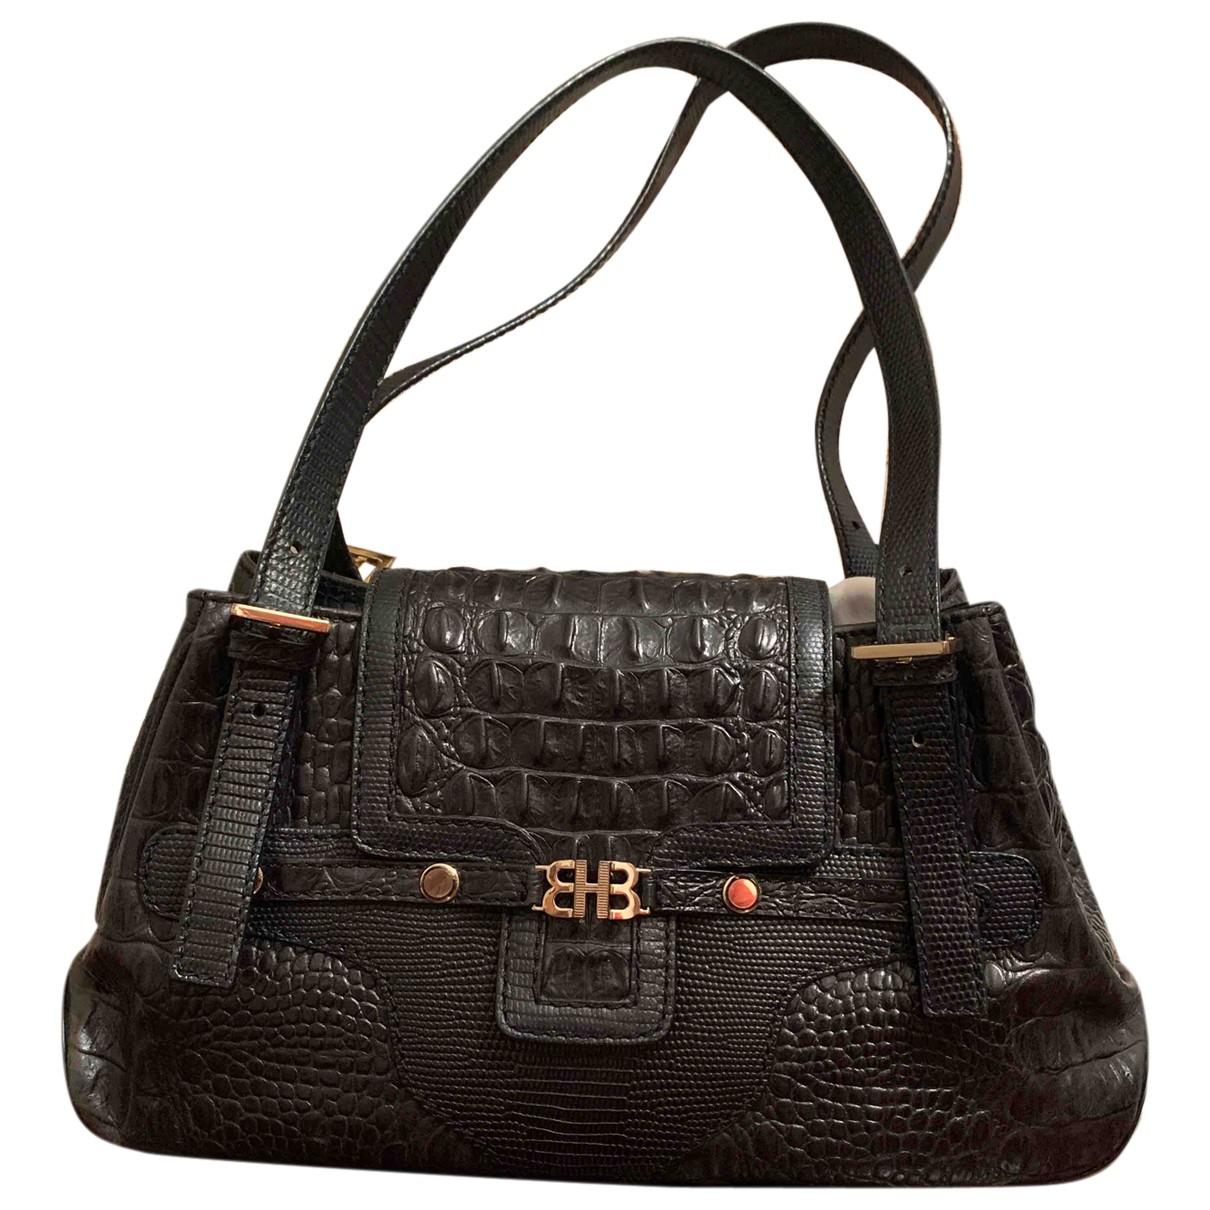 Hugo Boss N Black Leather handbag for Women N